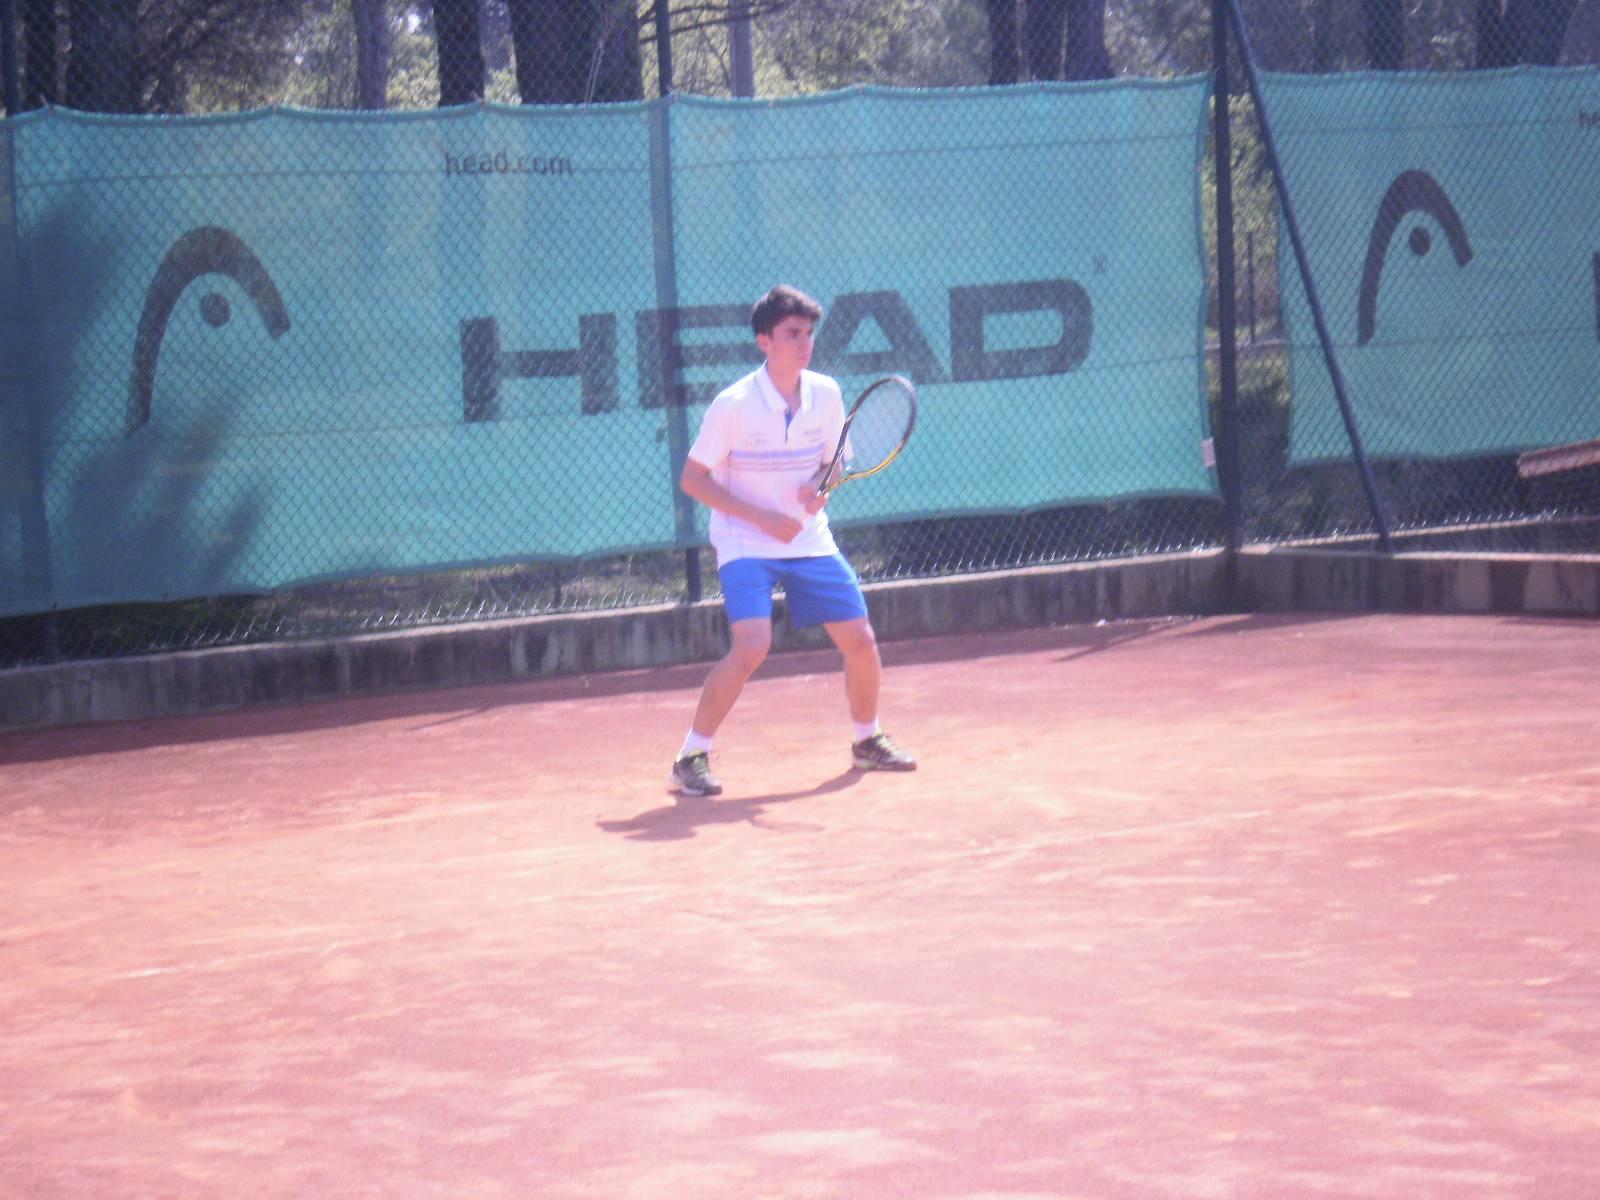 Scatta oggi il torneo nazionale Open maschile del Ct Cervia